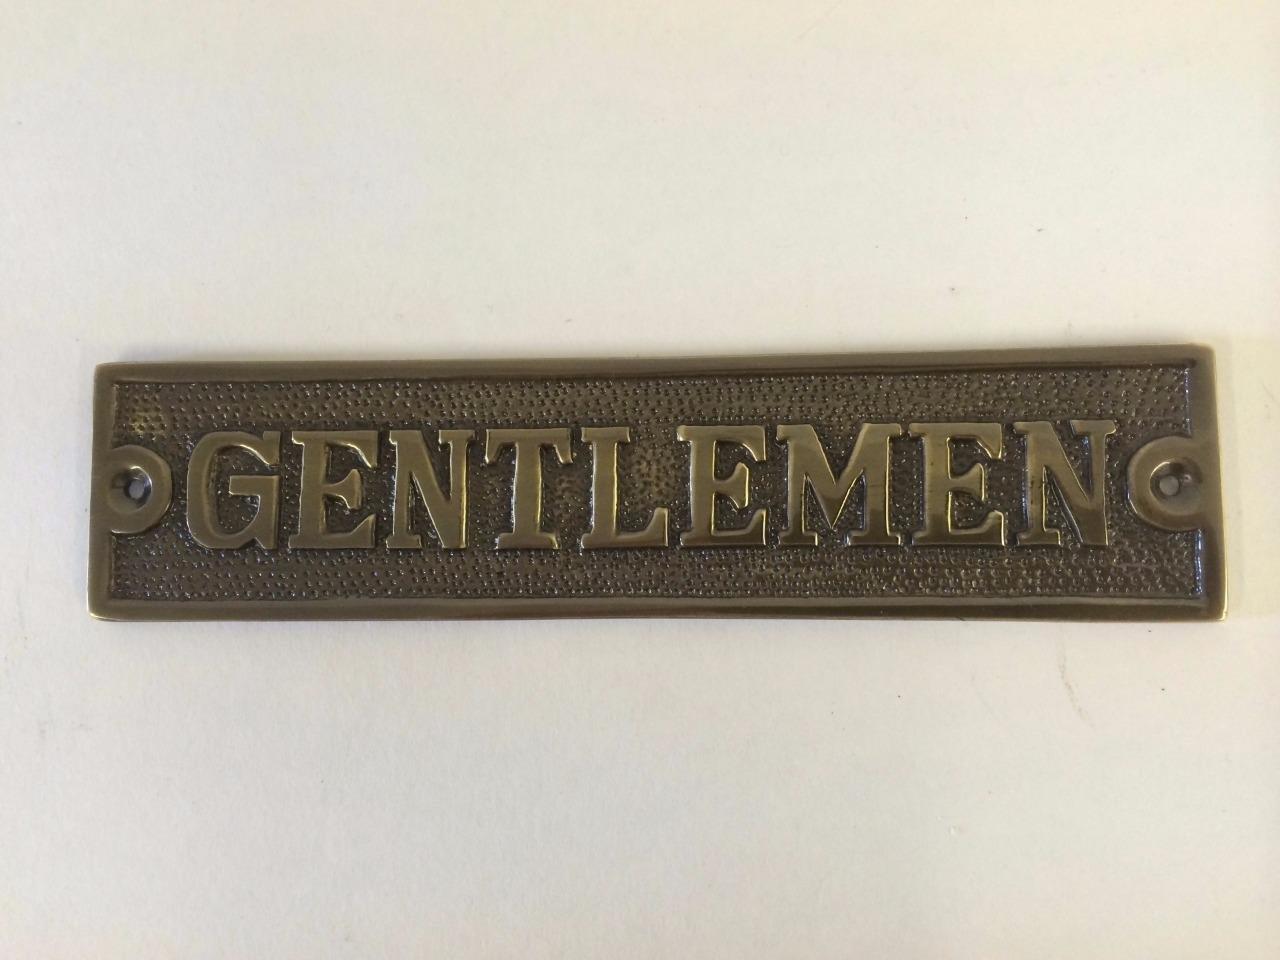 Gentlemen Ladies Toilet Bathroom Door Sign Plaque Screws Brass Antique Nickel Ebay